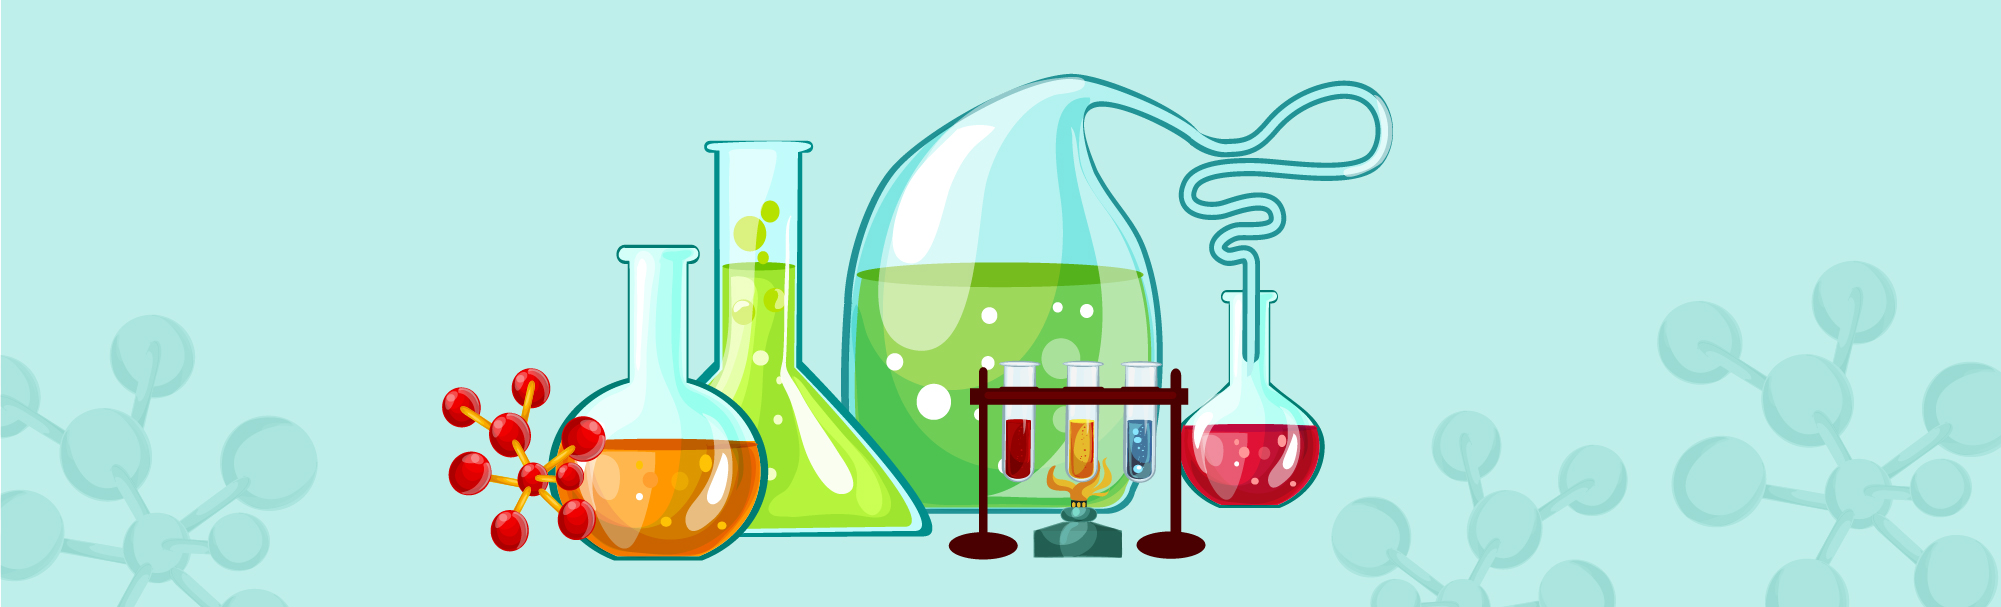 картинки химии по теме химия мама украинка